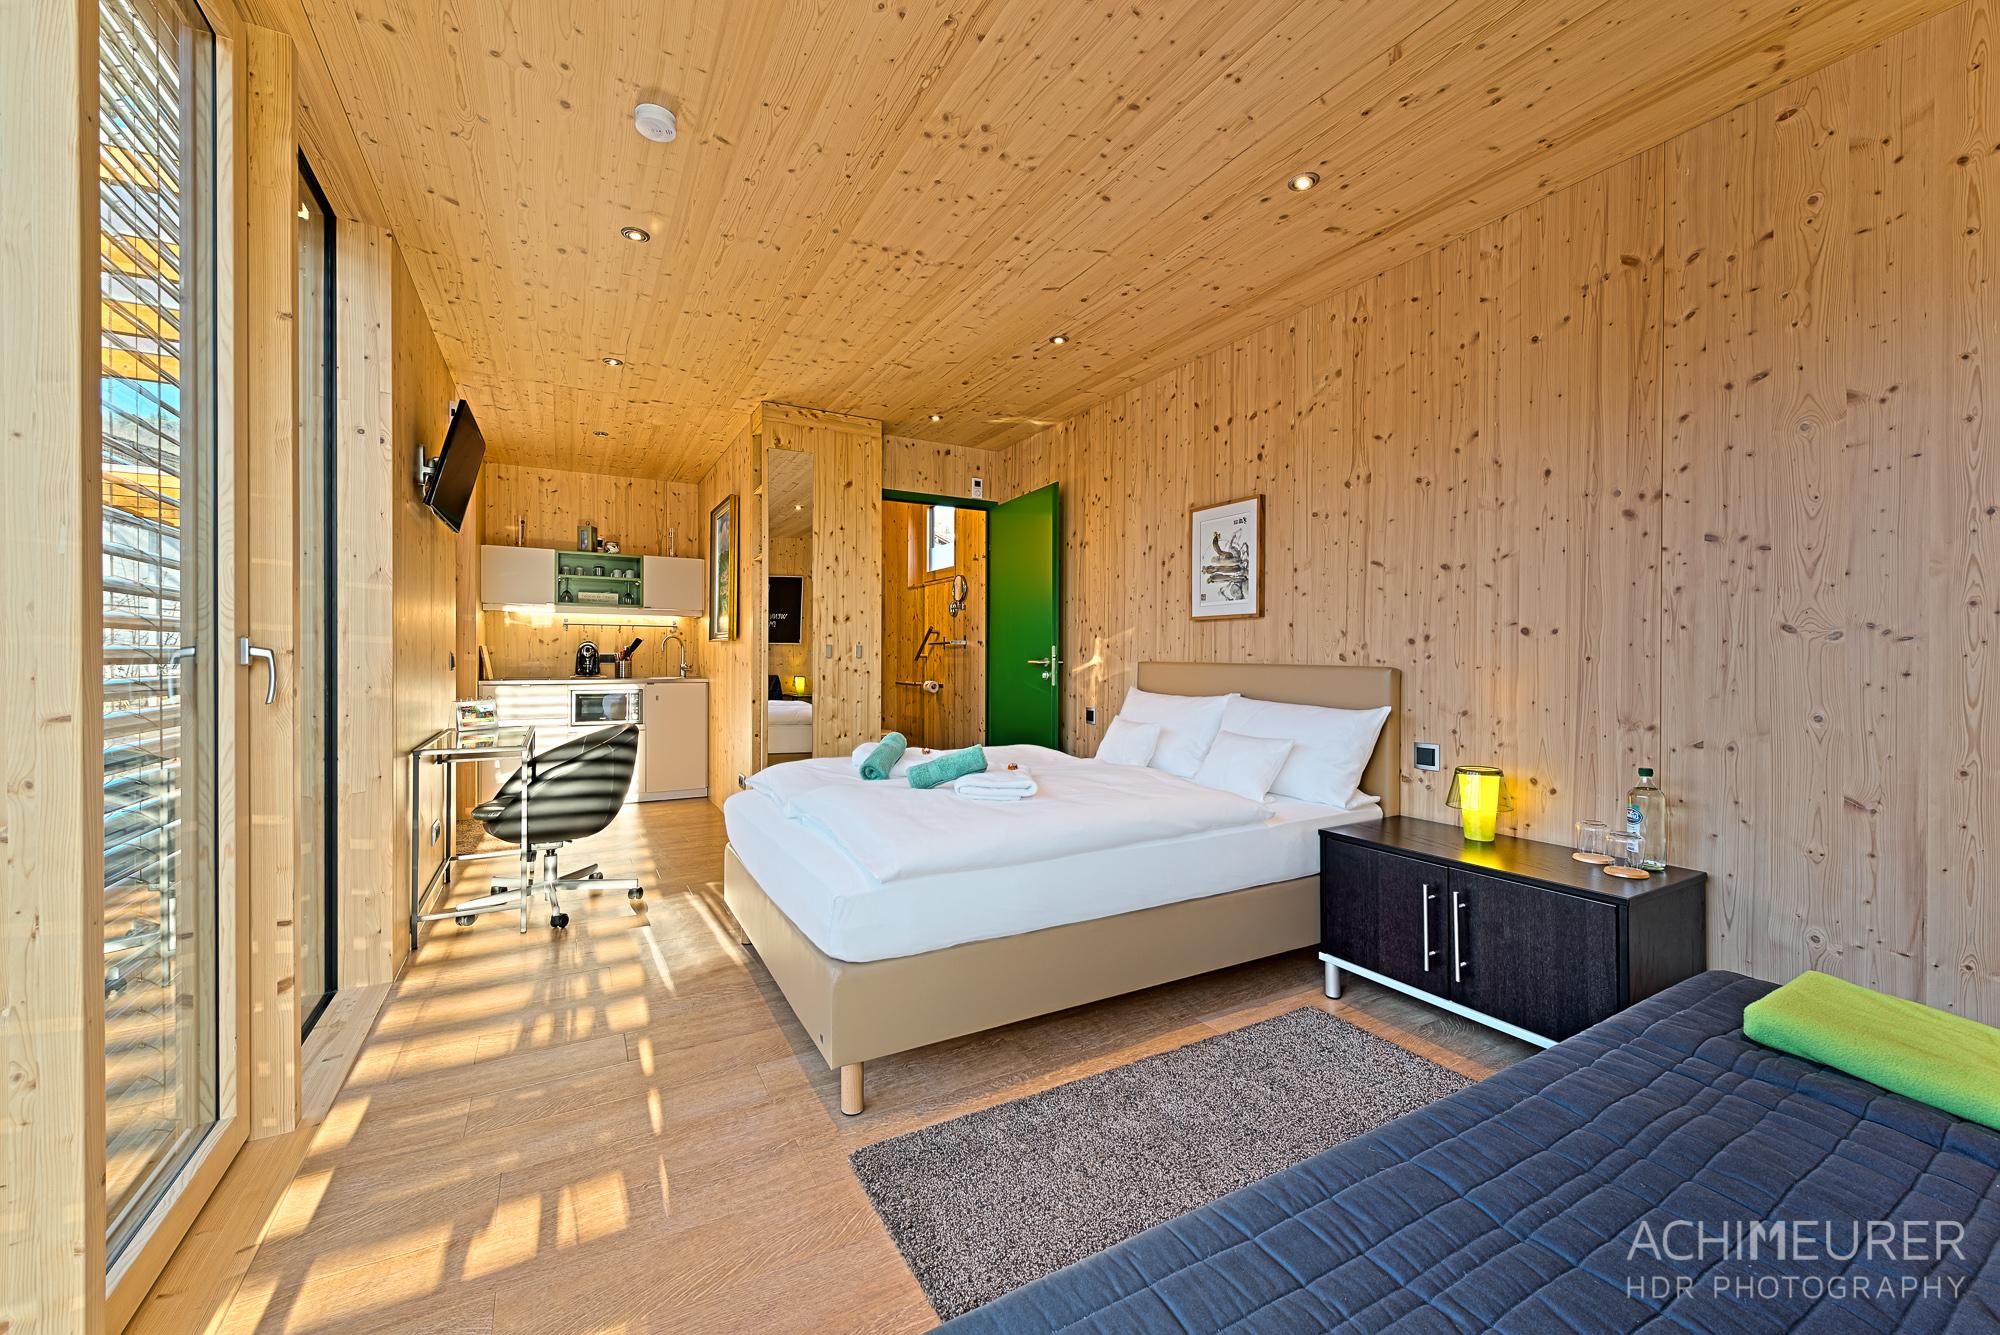 Das kleinHotel in Biedenkopf